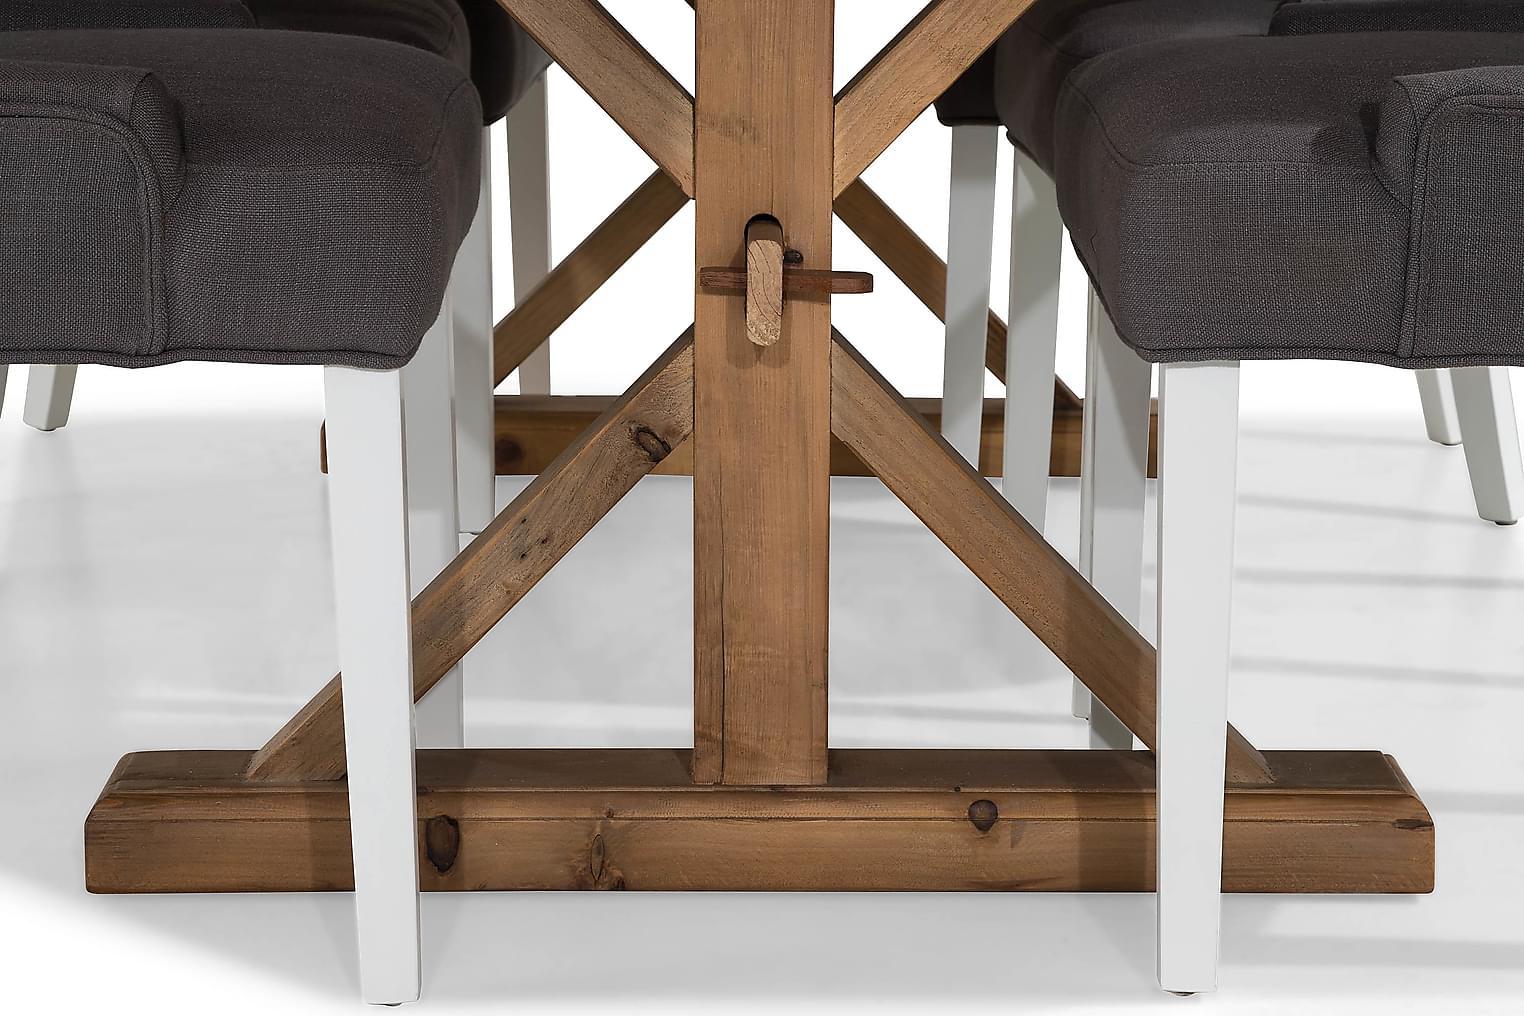 LIRE Pöytä 200 Luonnonväri + 6 COLFAX tuolia Harmaa/Valk